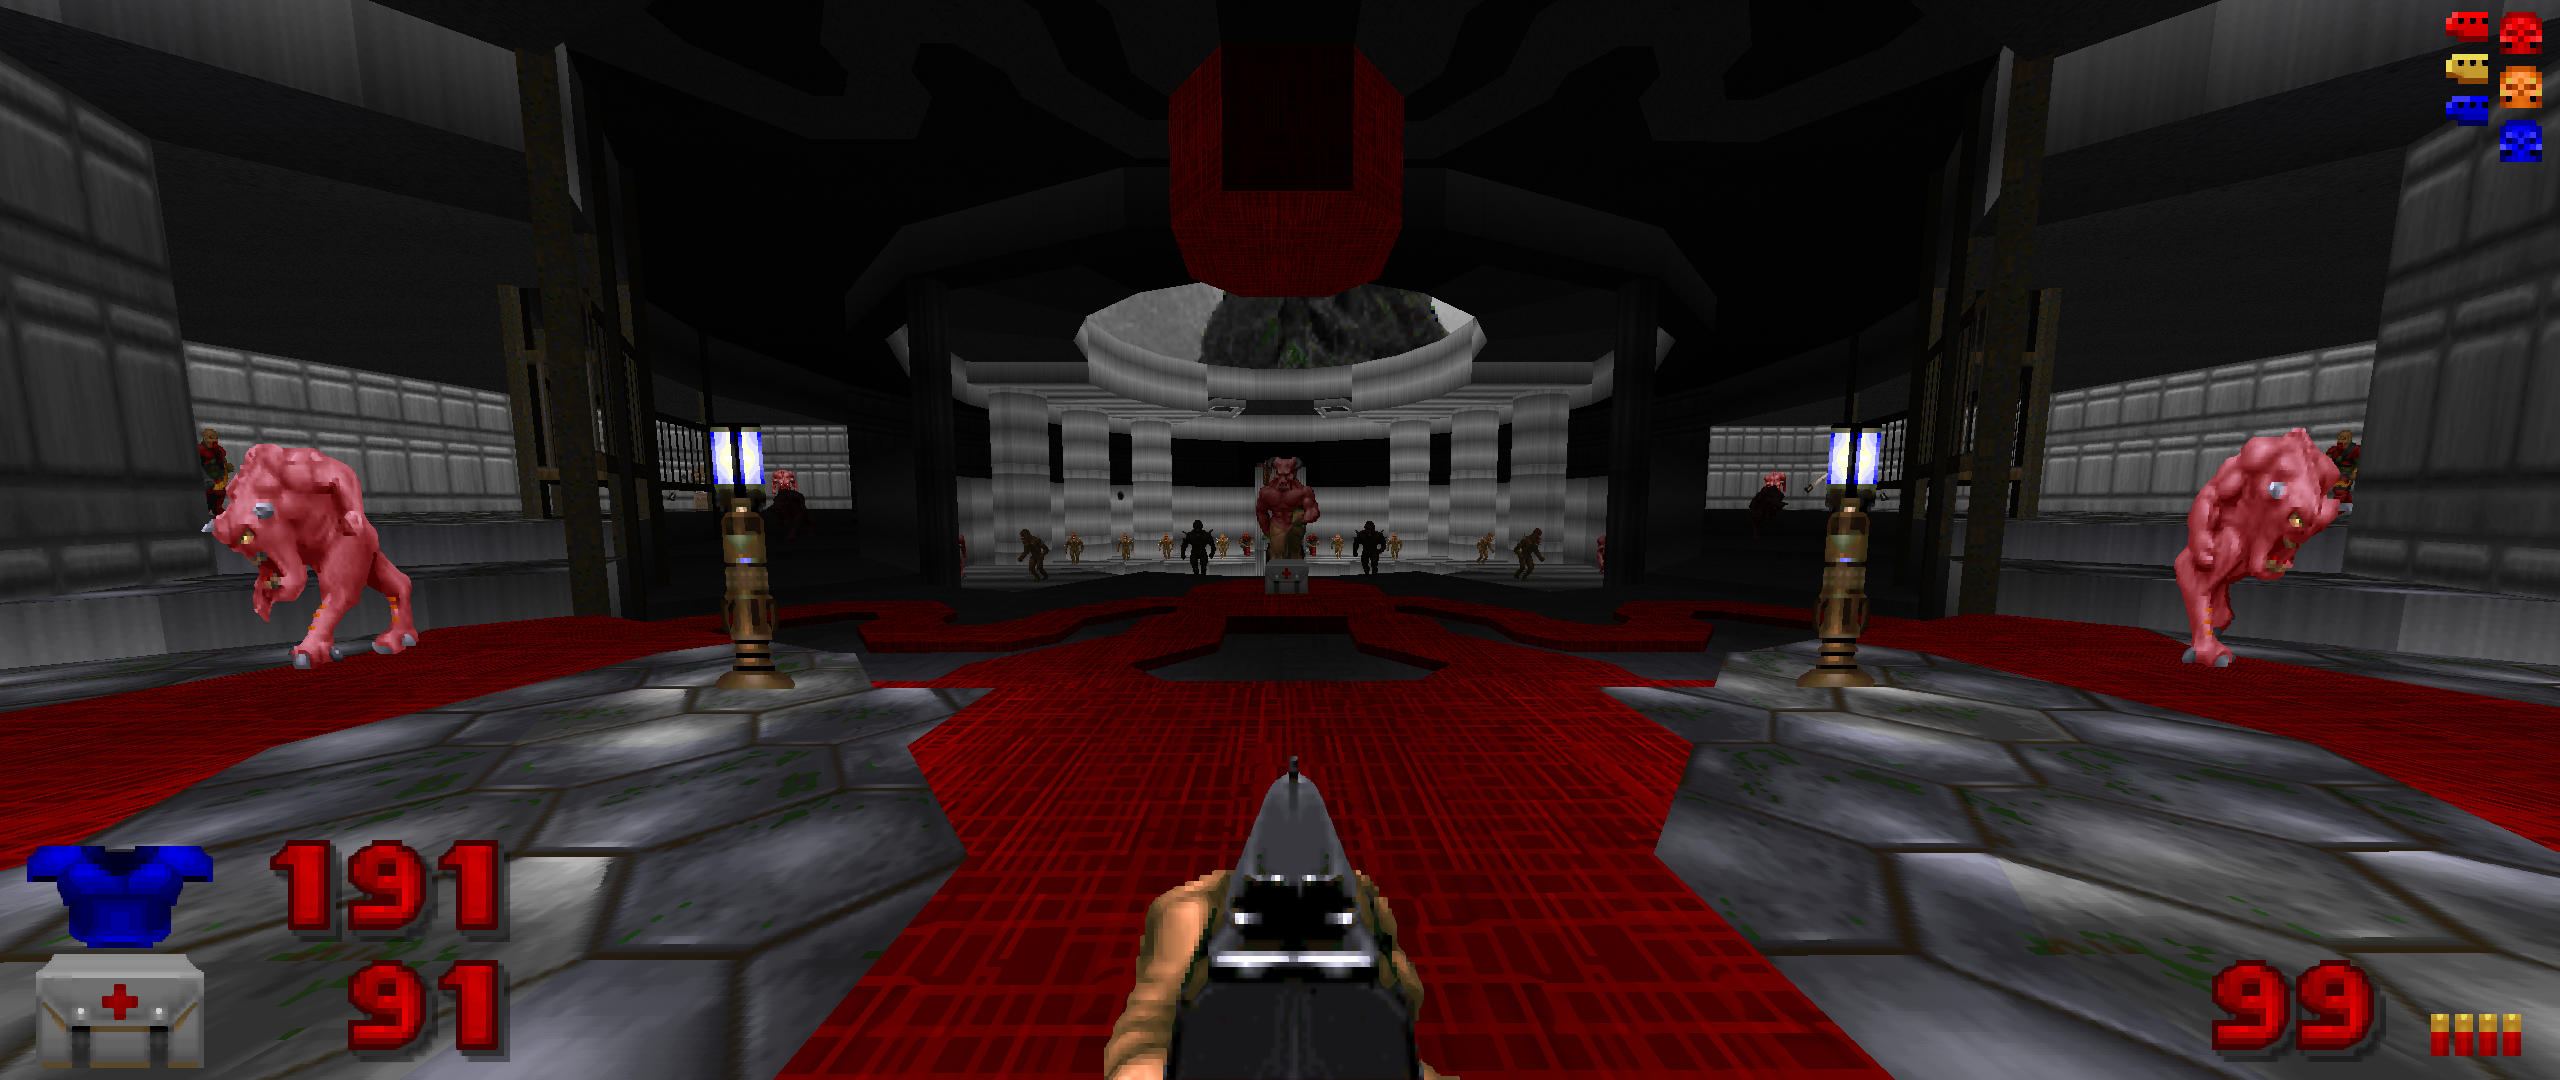 Screenshot Doom 20181209 155519